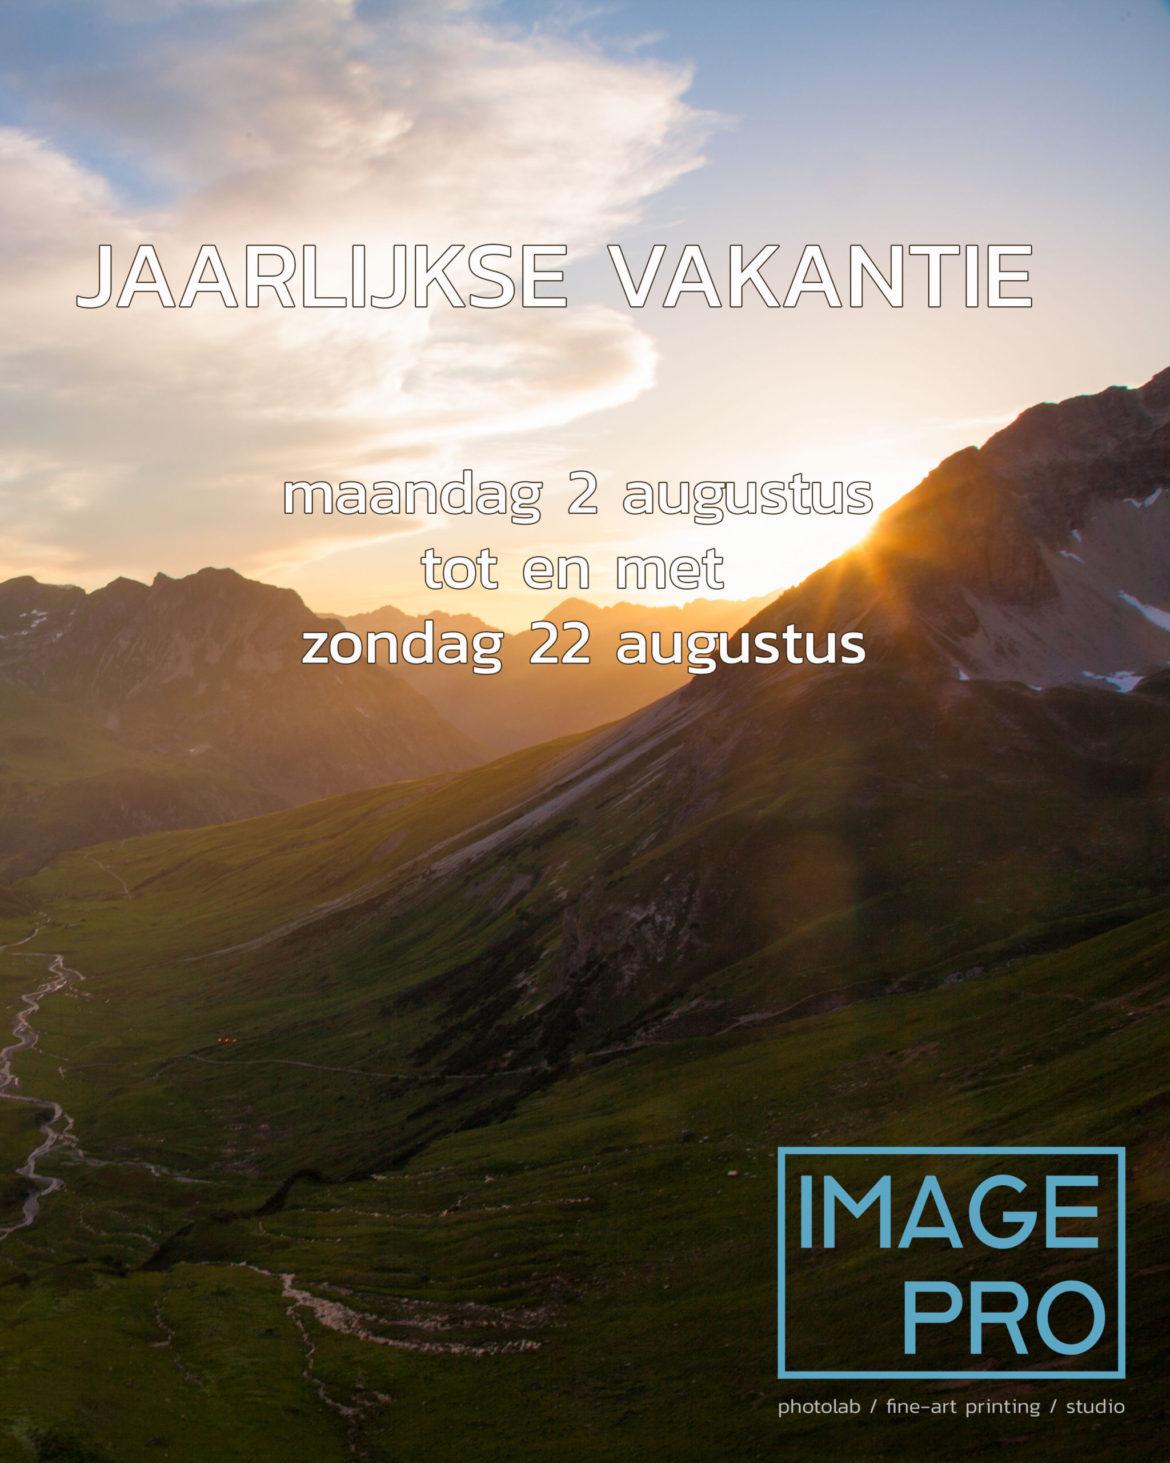 Jaarlijkse vakantie 2021 – 2 aug. t/m 22 aug.